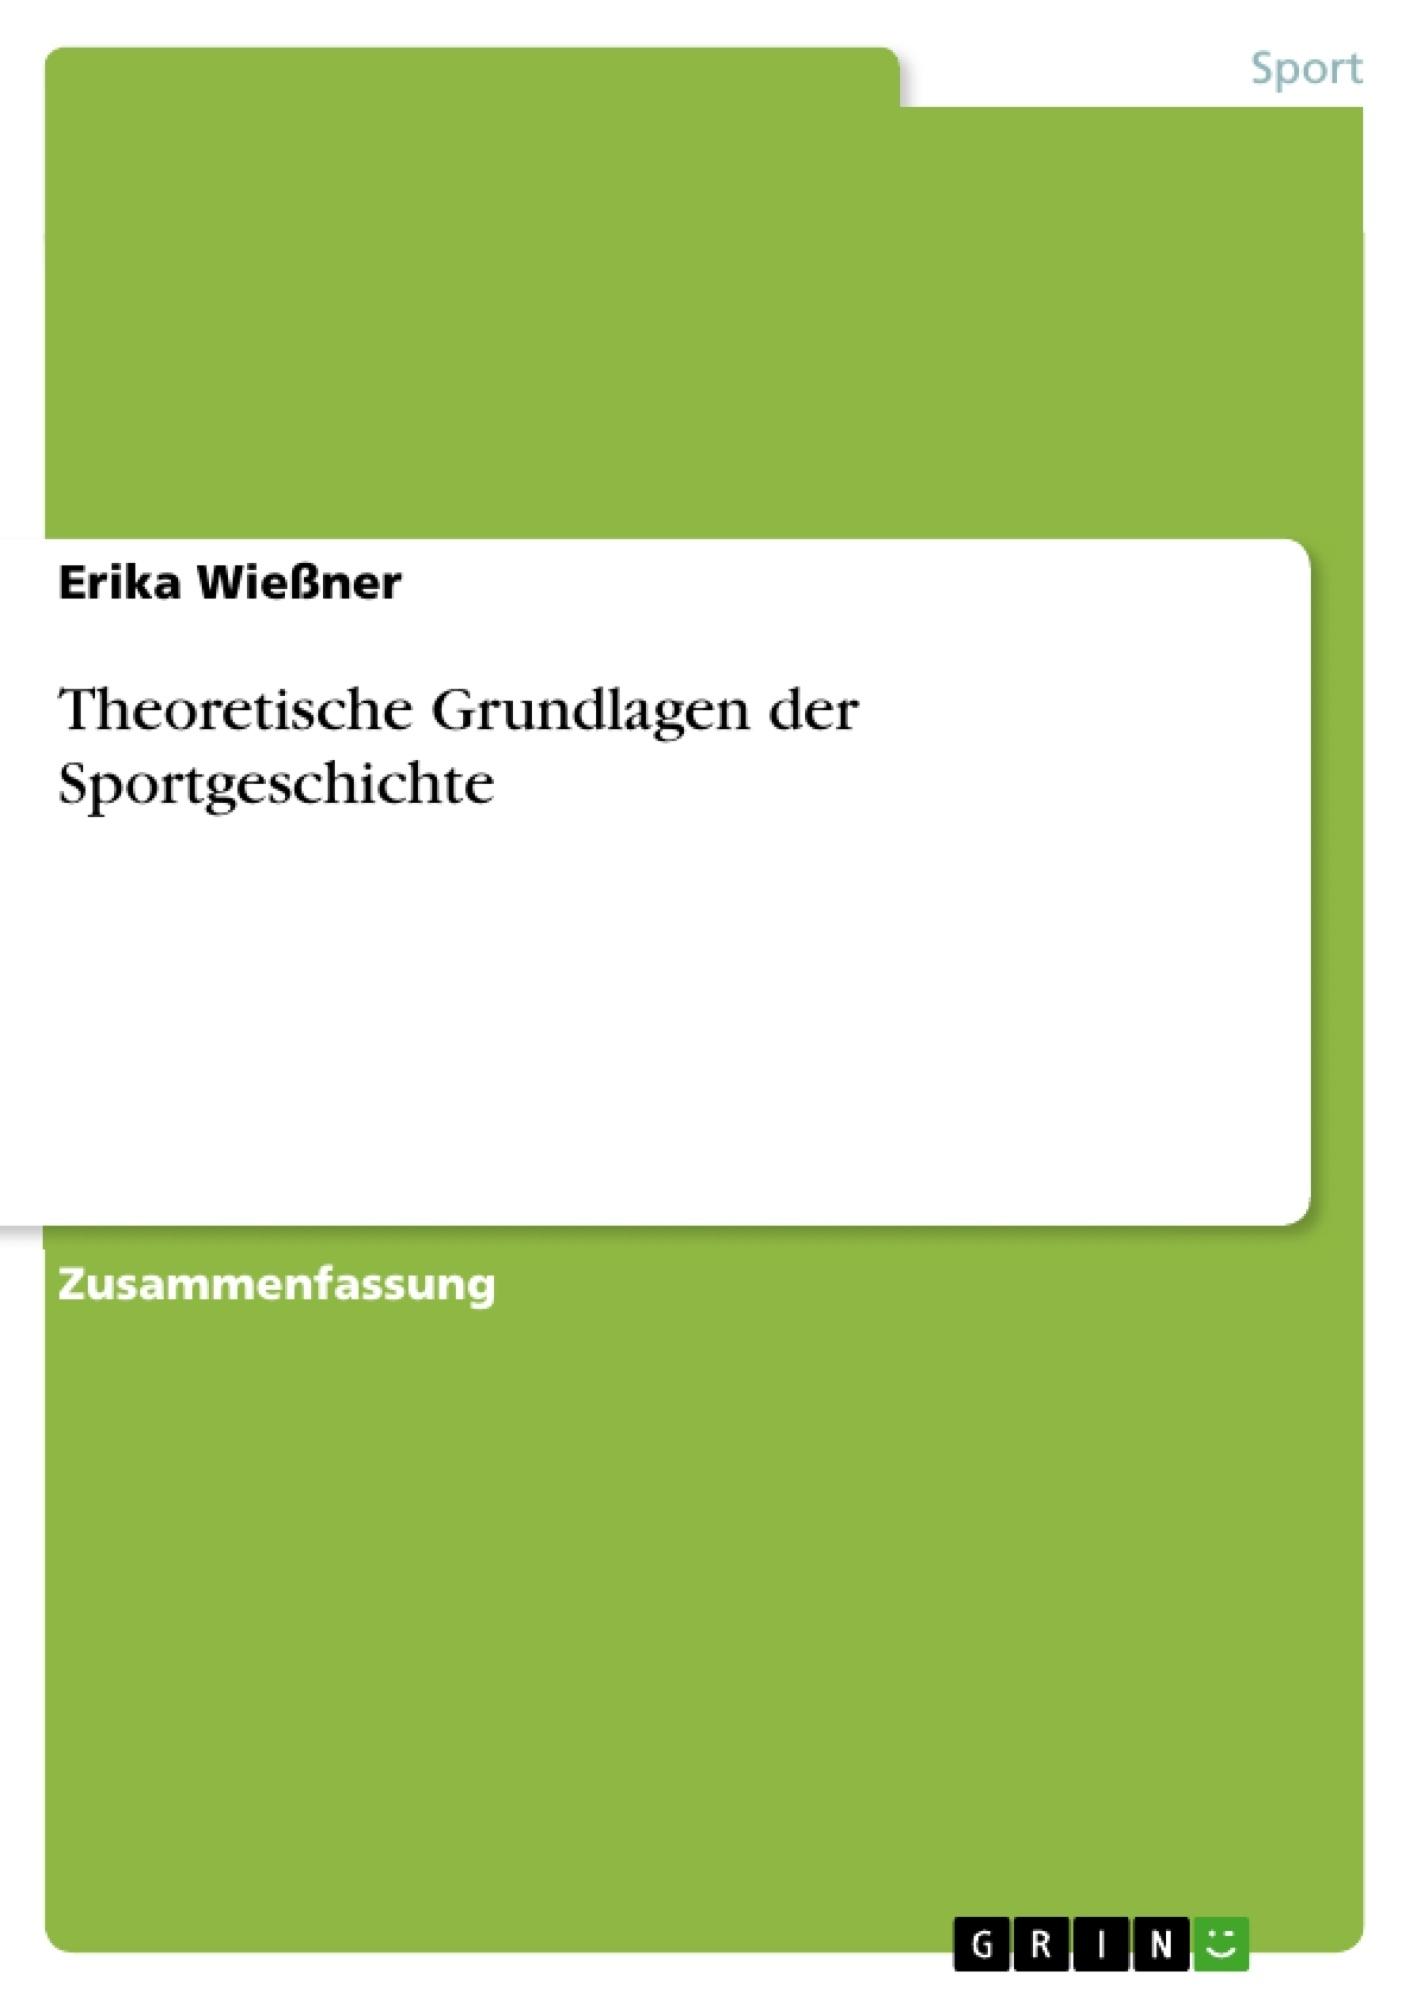 Titel: Theoretische Grundlagen der Sportgeschichte